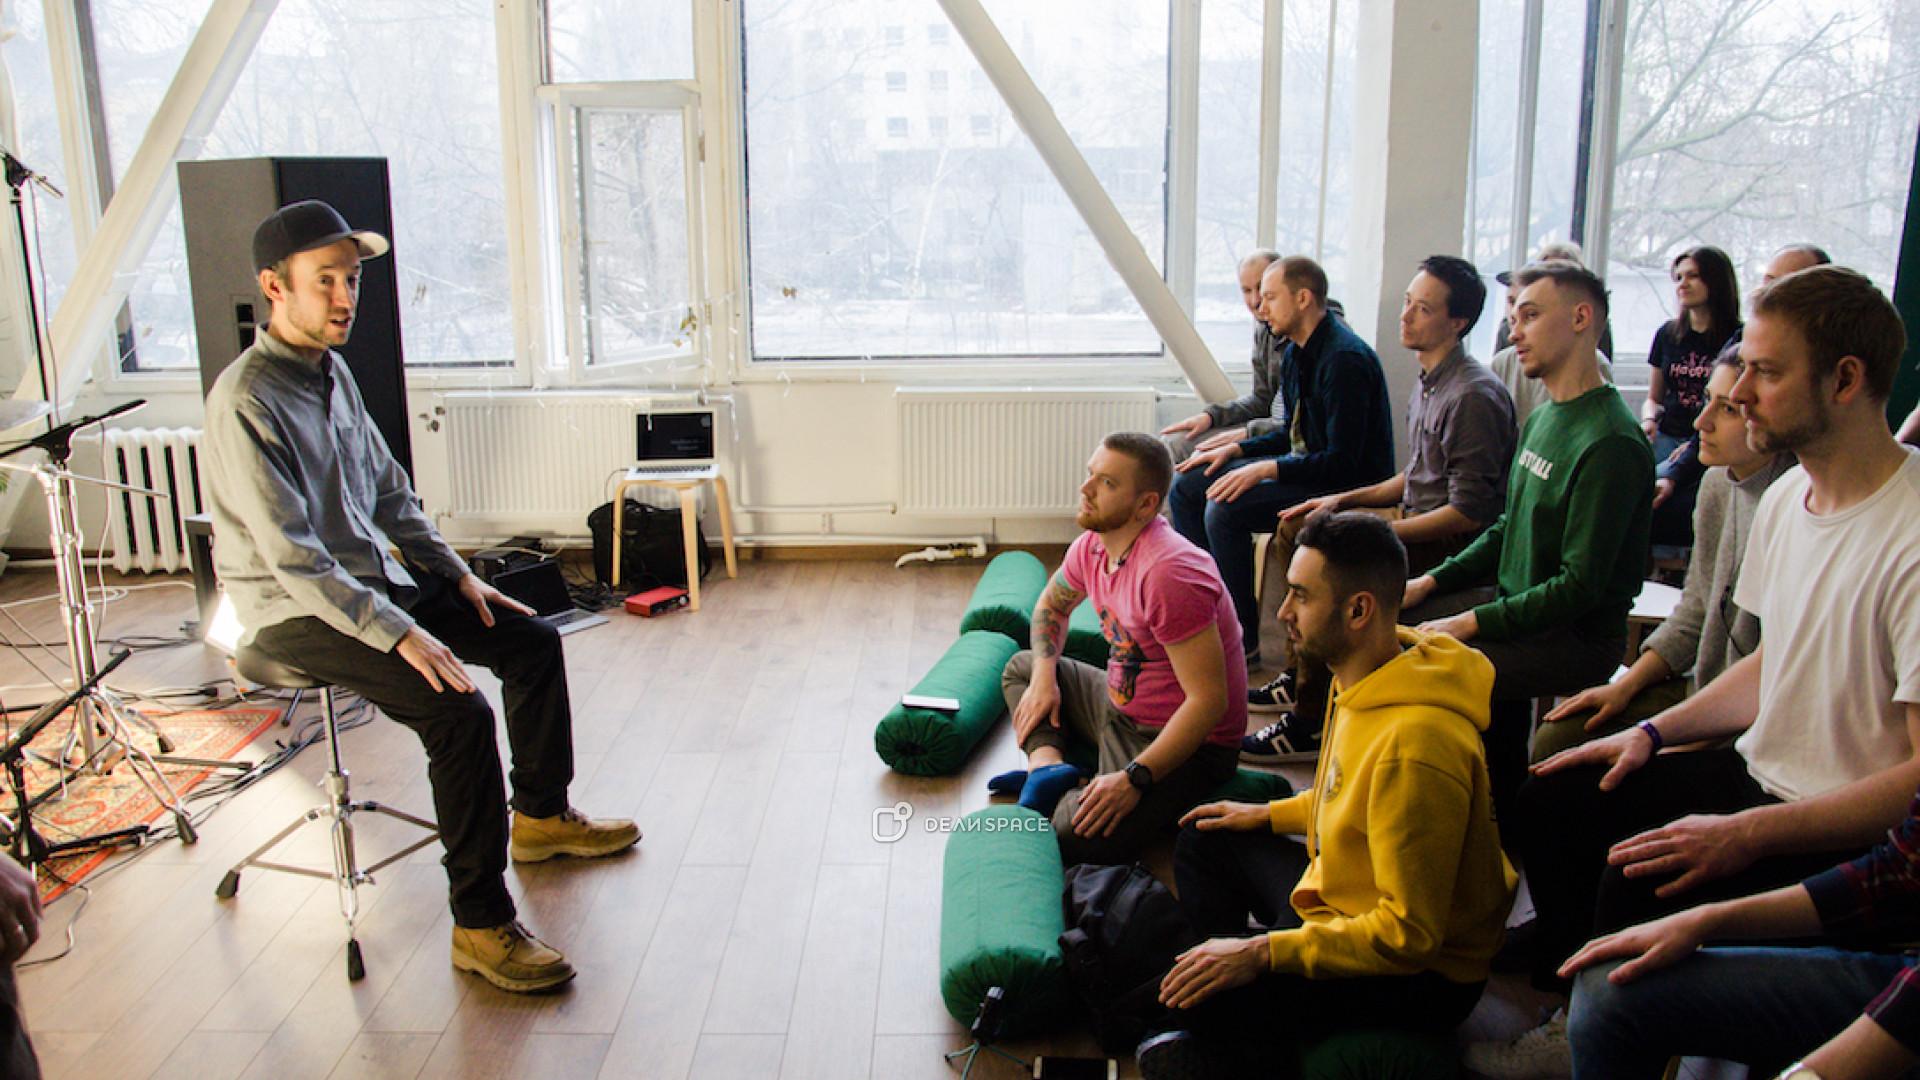 Пространство для йоги и других мероприятий - фото №7